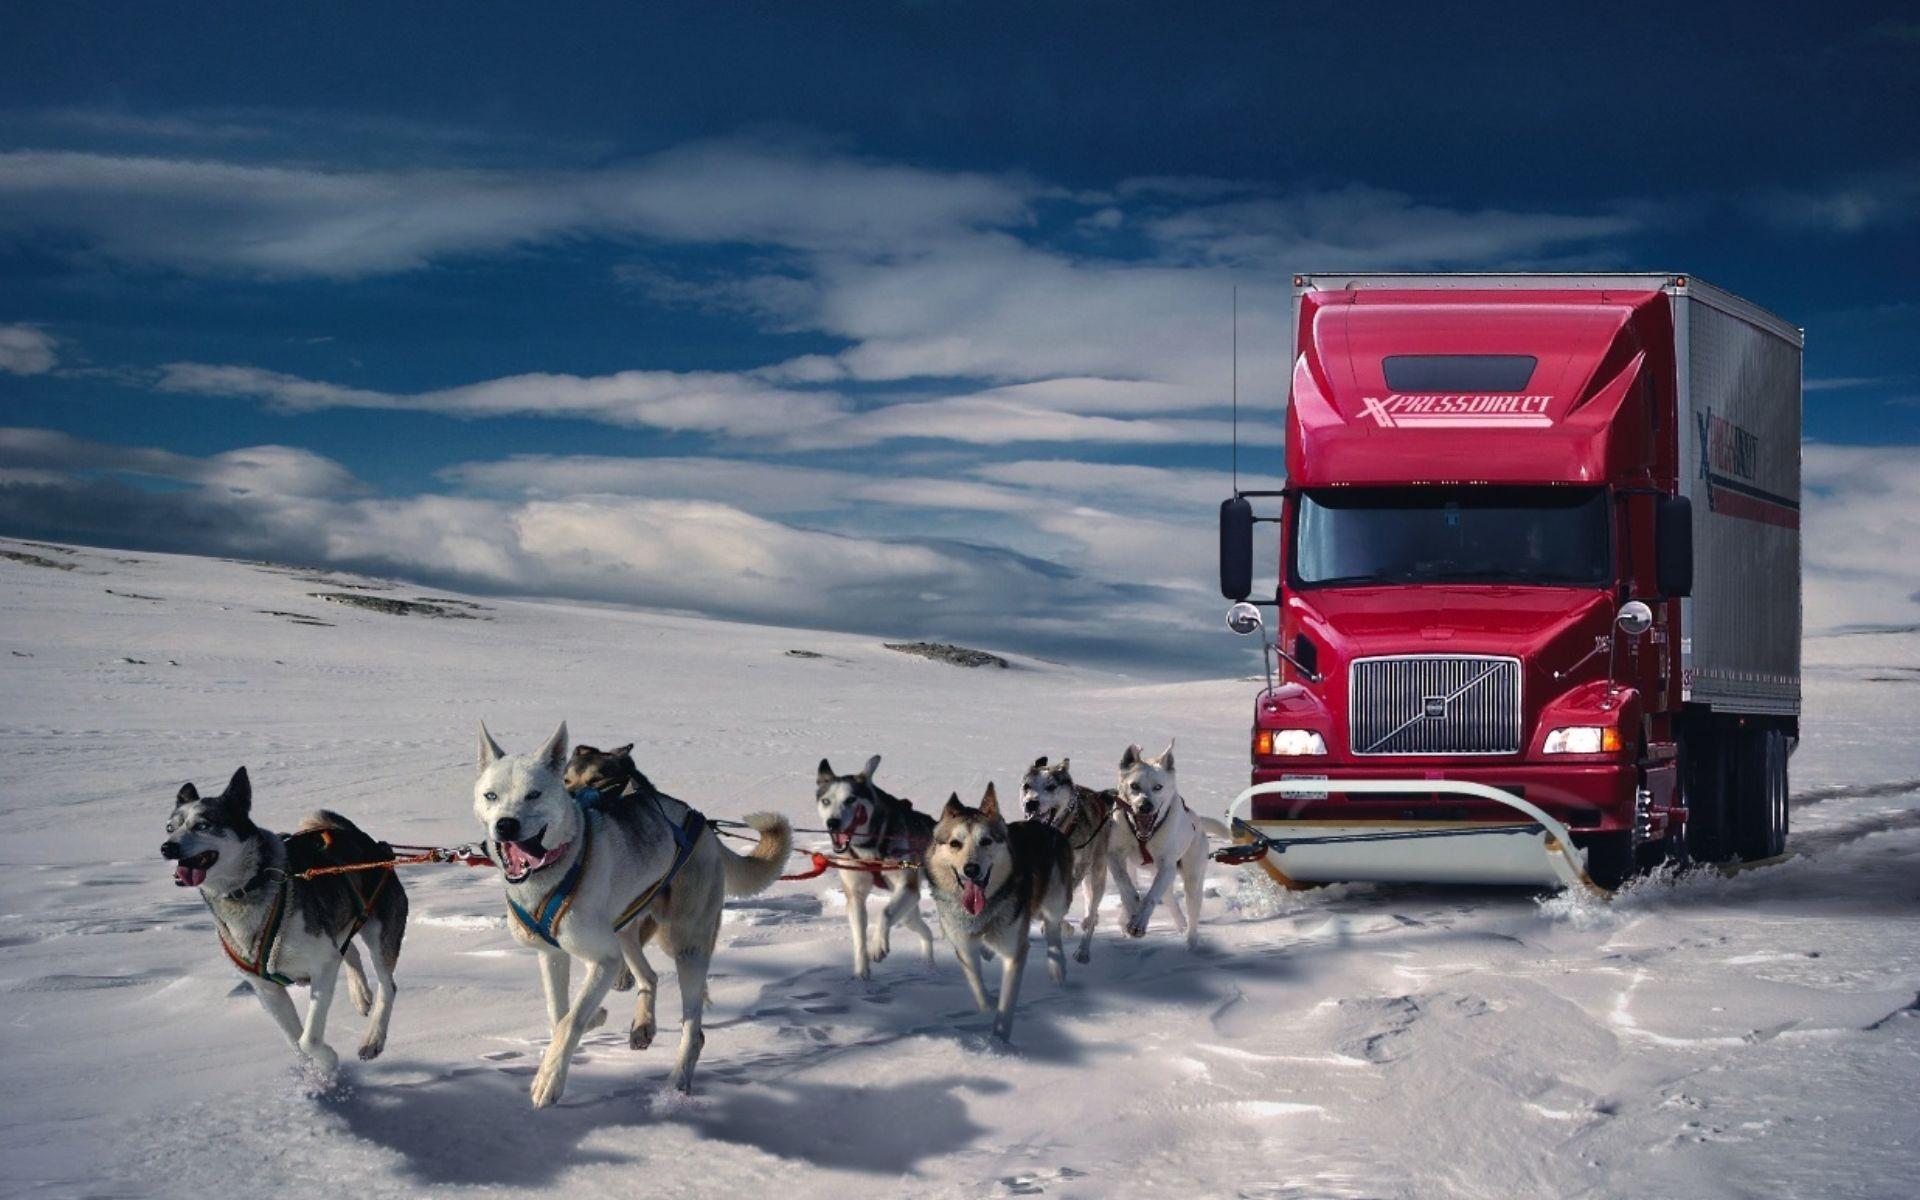 обои снег, сугробы, грузовик, фура картинки фото